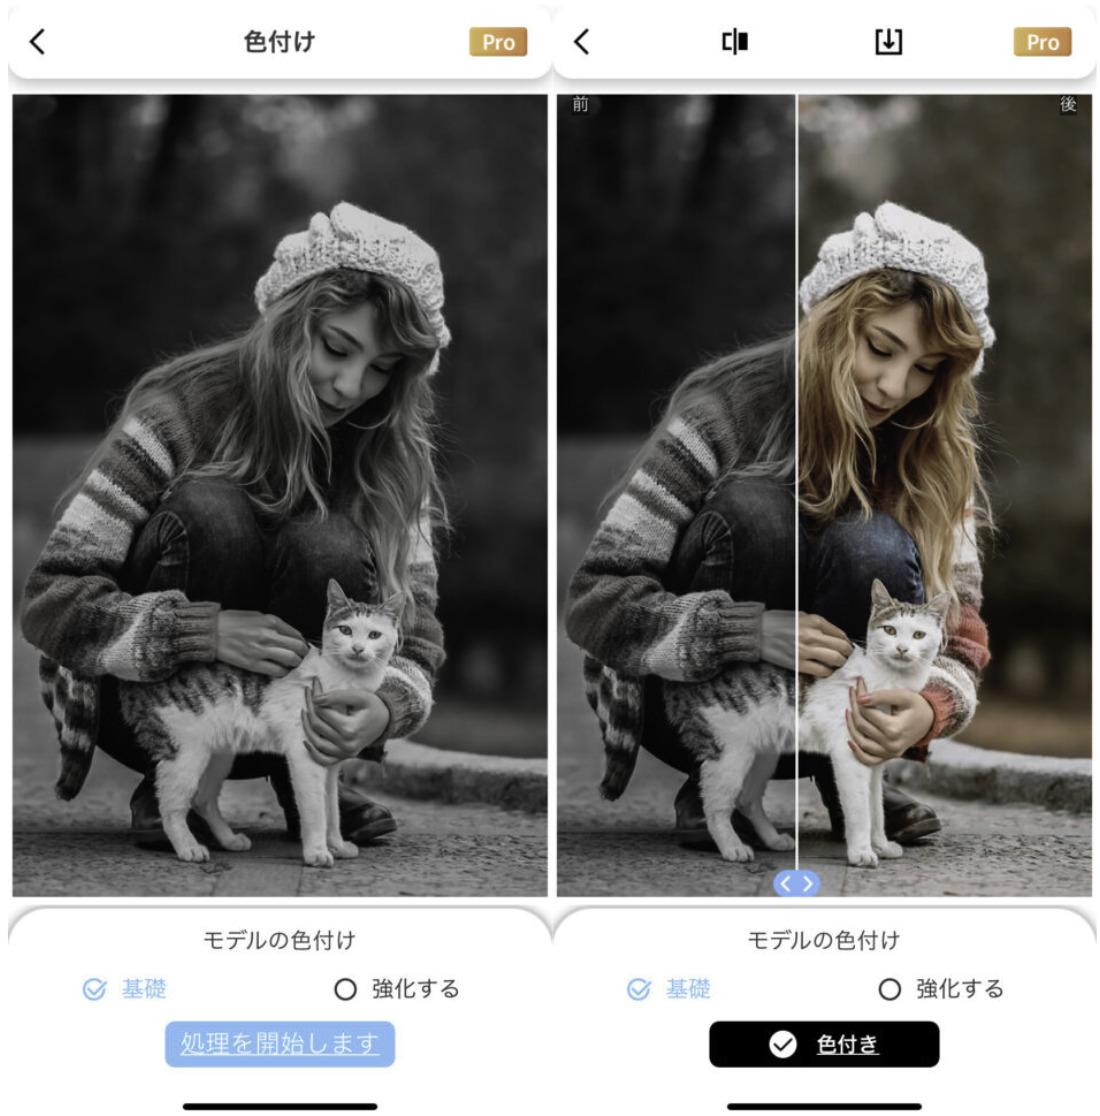 スマホで使える写真を高画質するアプリ3選!